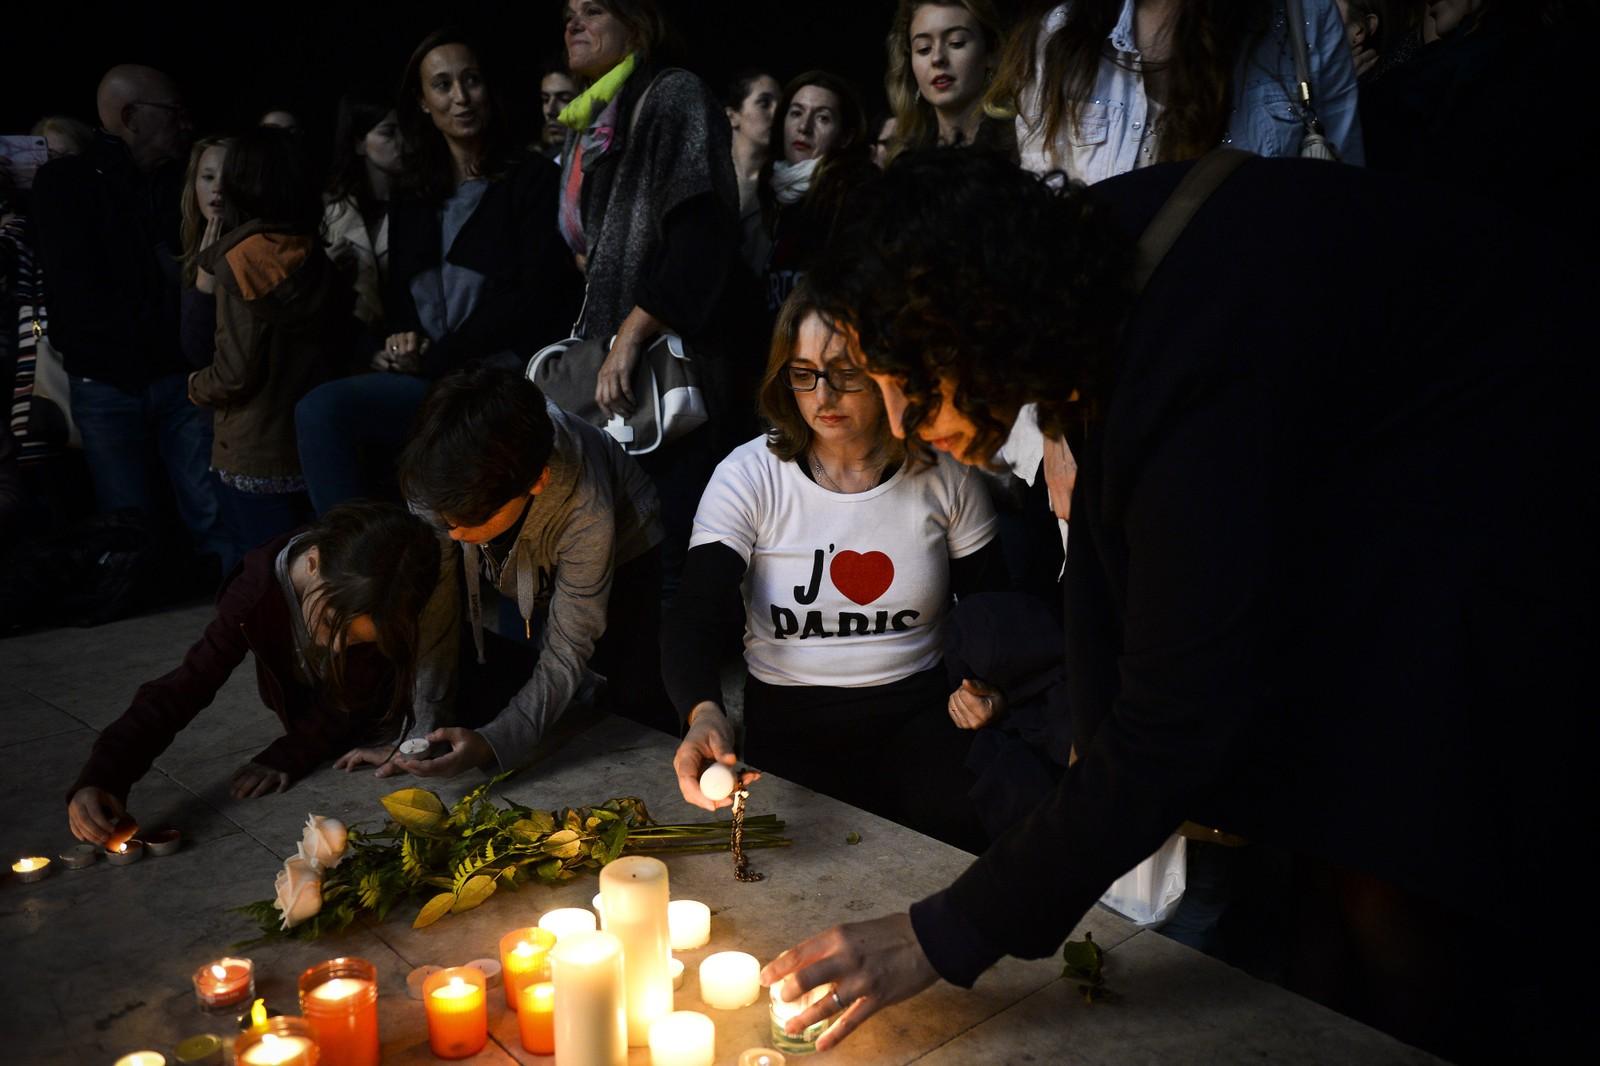 En portugisisk kvinne tenner lys for Paris-ofrene i Lisboa.